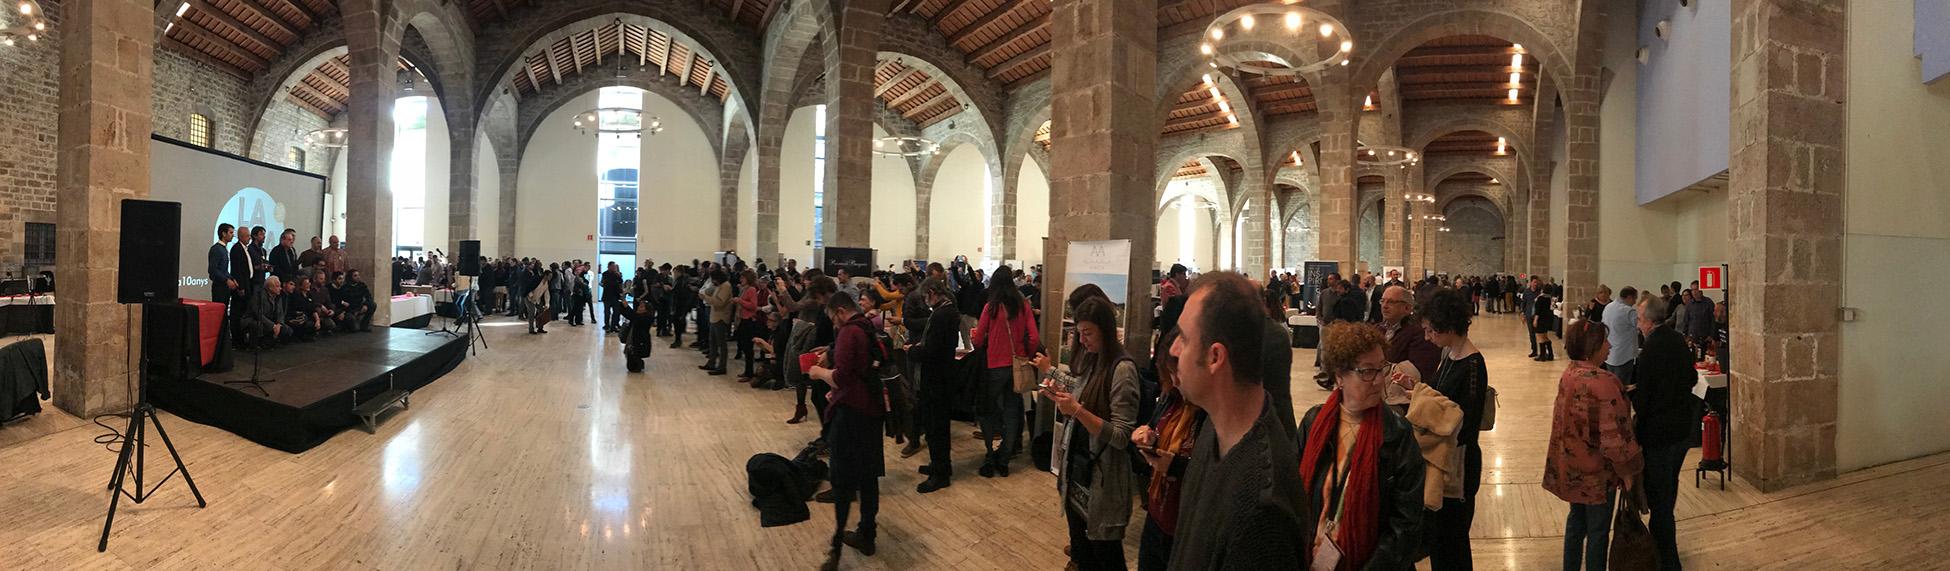 Foto panorámica de la fiesta presentación de La Guia de vins de Catalunya 2018